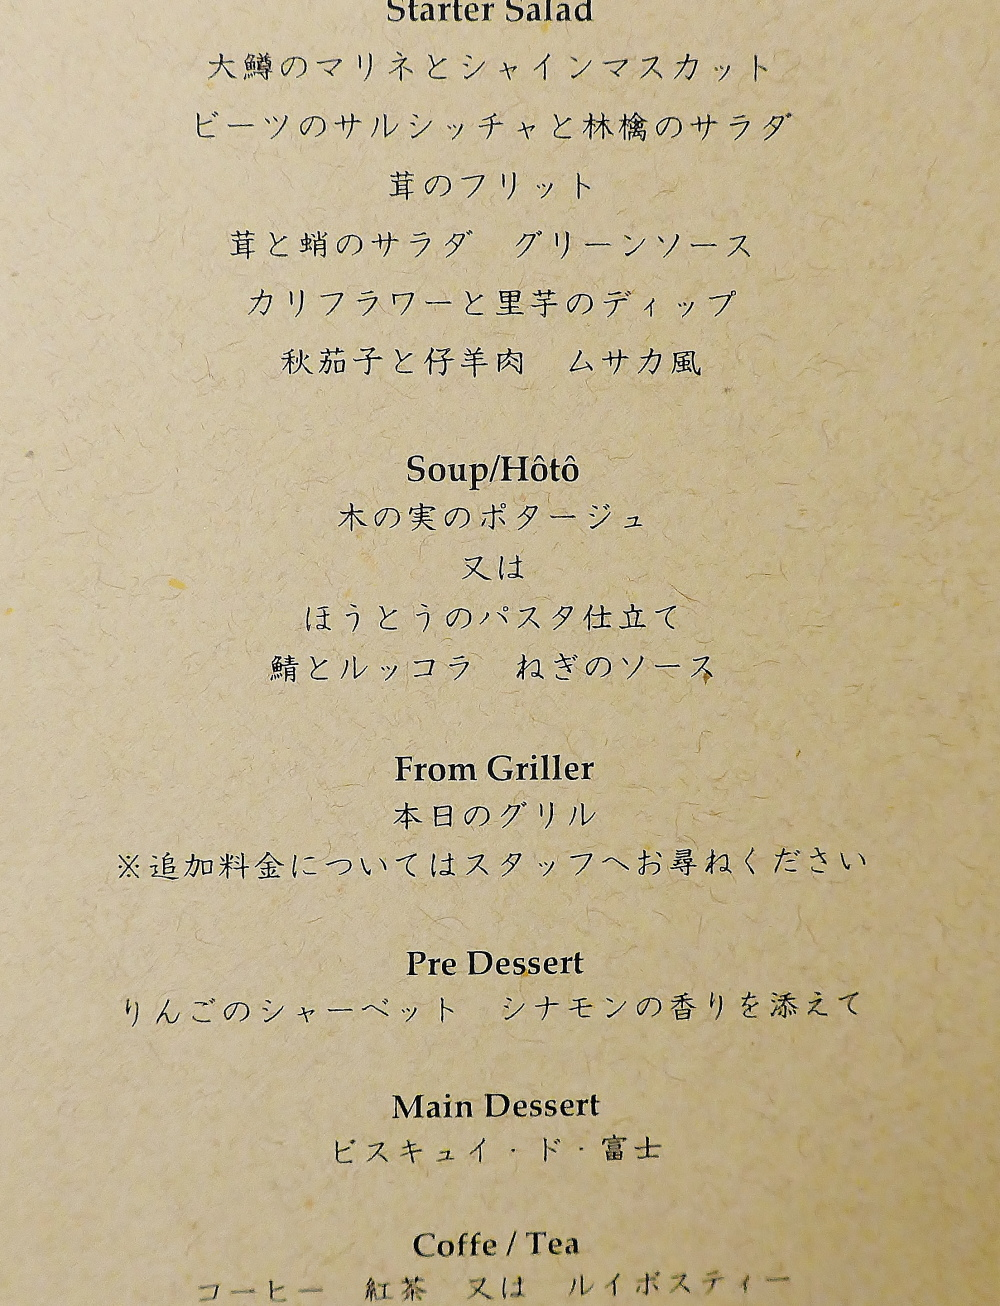 星のや富士 夕食メニュー表